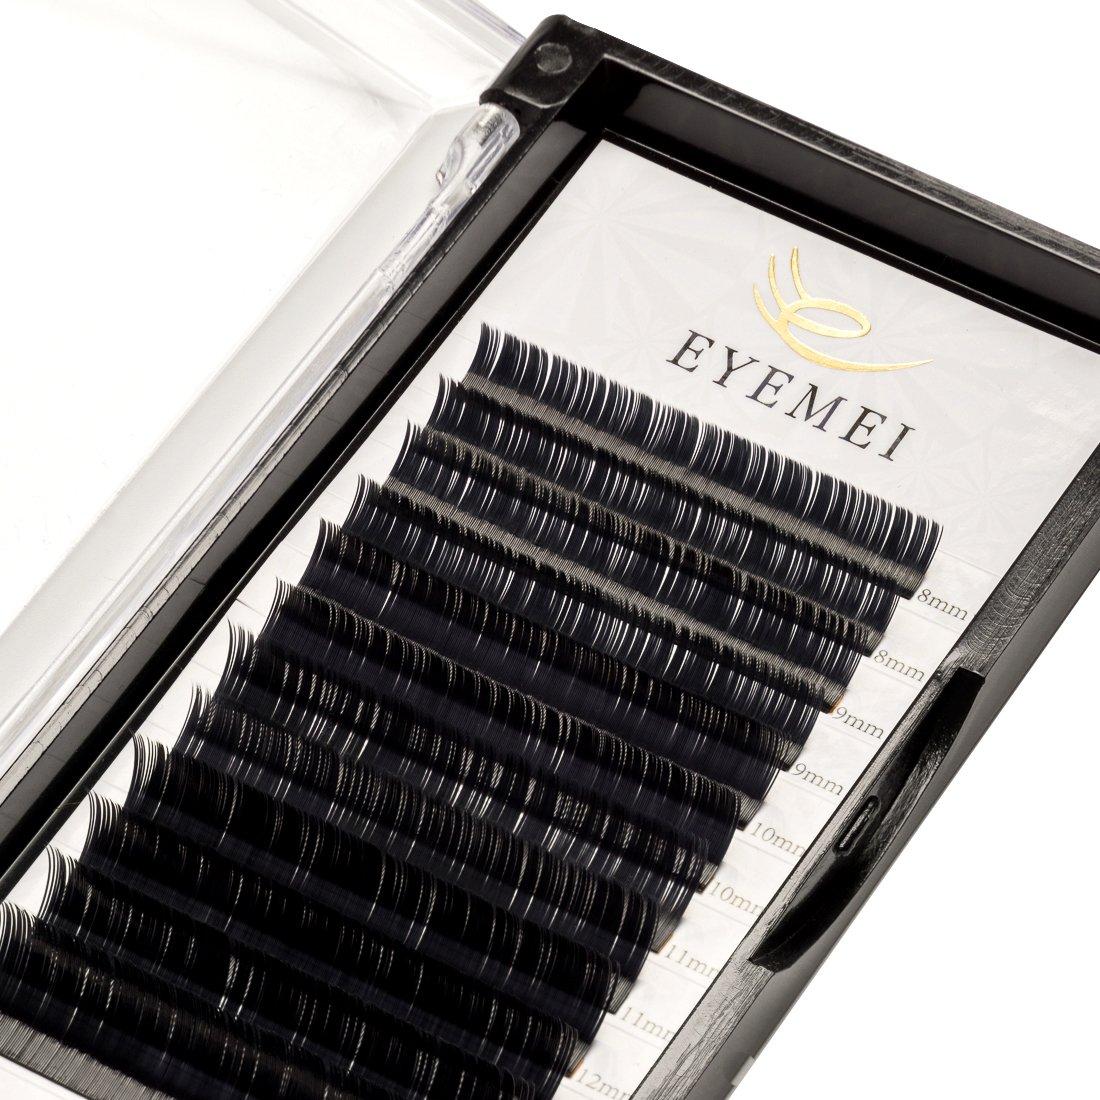 Ellipse Eyelash Extensions 0.15mm D Curl 8-14mm Mix Flat Lash Extension Light Lashes Individual Faux Matte Black Mink False Eyelash Extension Professional Salon Use by EYEMEI(0.15-D-Mix)